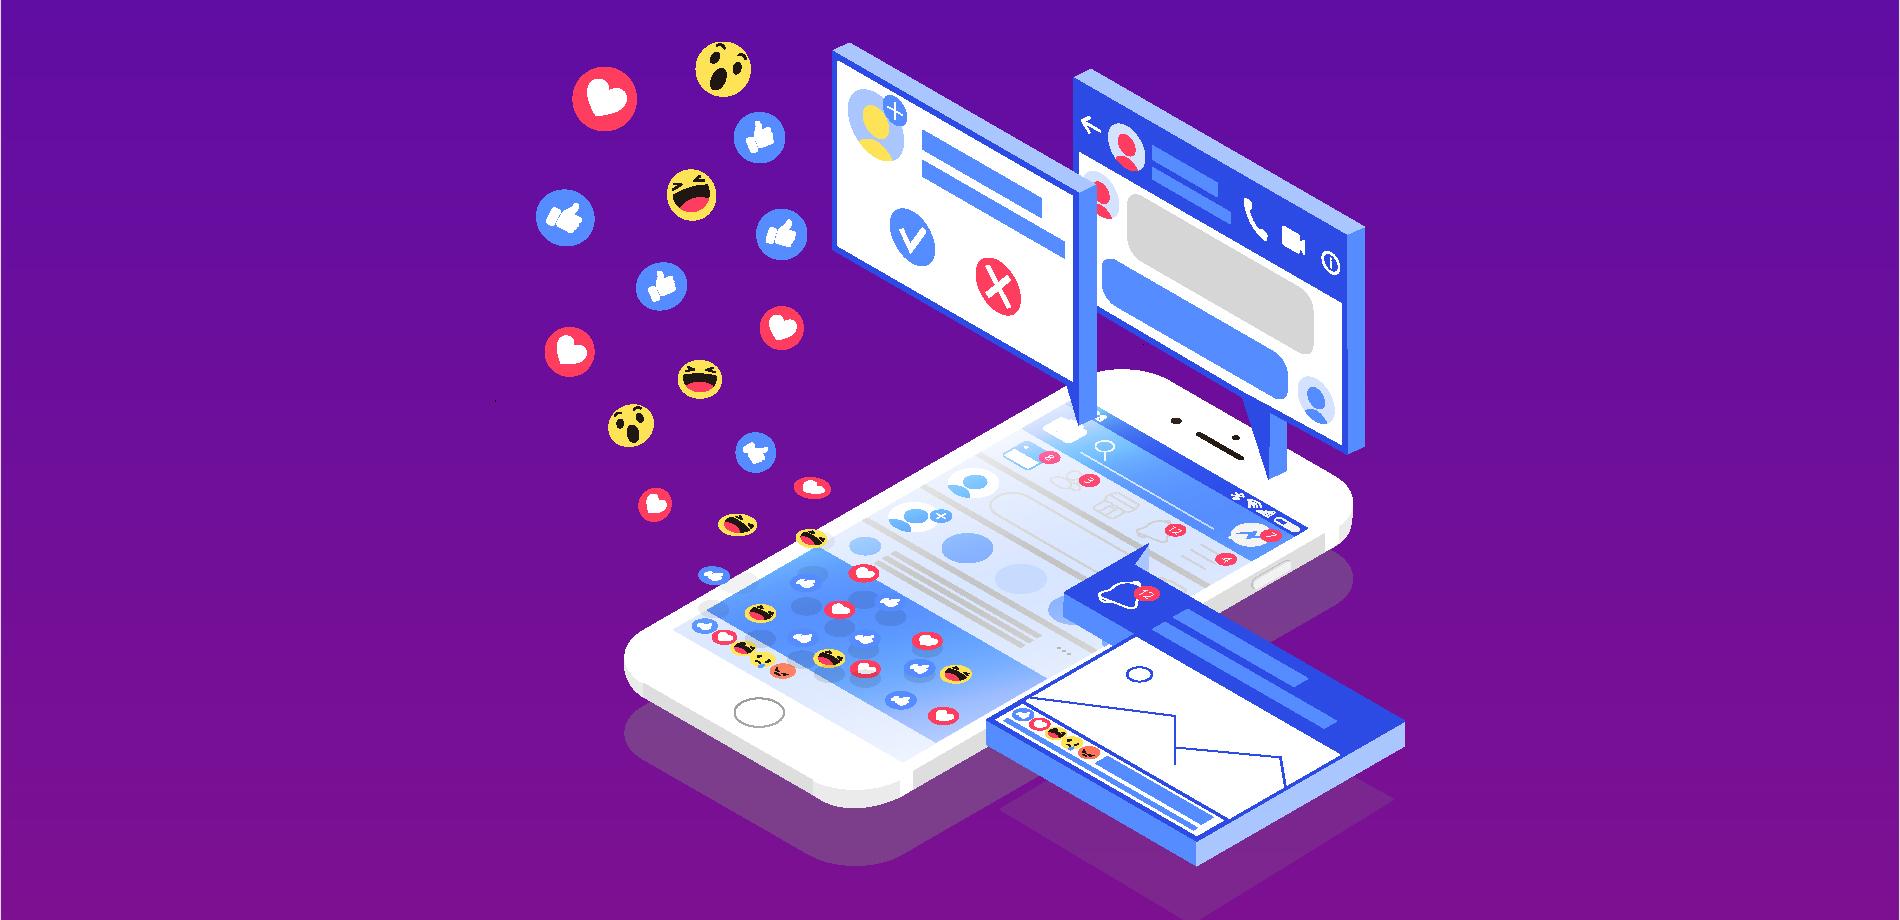 capa-como-criar-e-gerenciar-pesquisas-no-Facebook-para-melhorar-o-envolvimento-do-publico